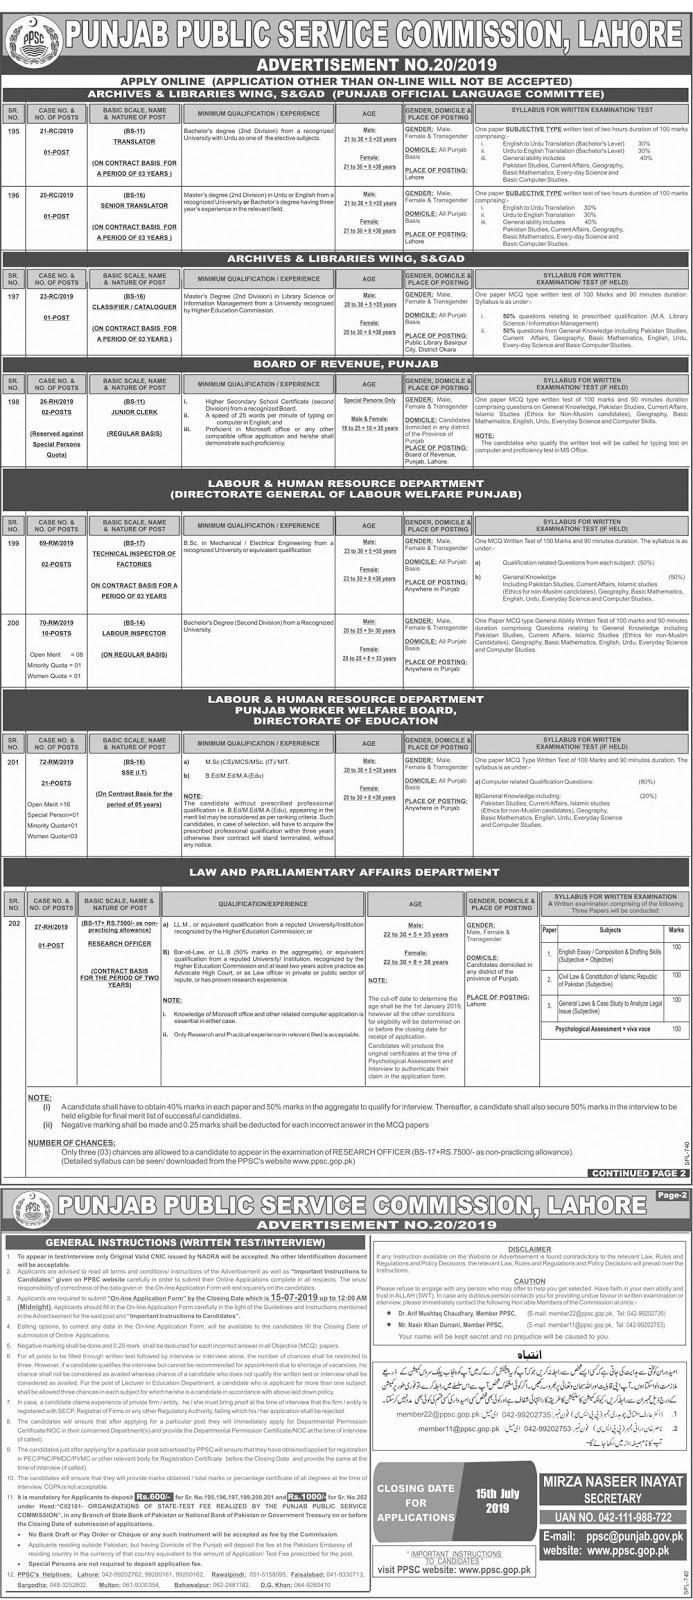 Jobs in PPSC Advertisement No. 20/2019